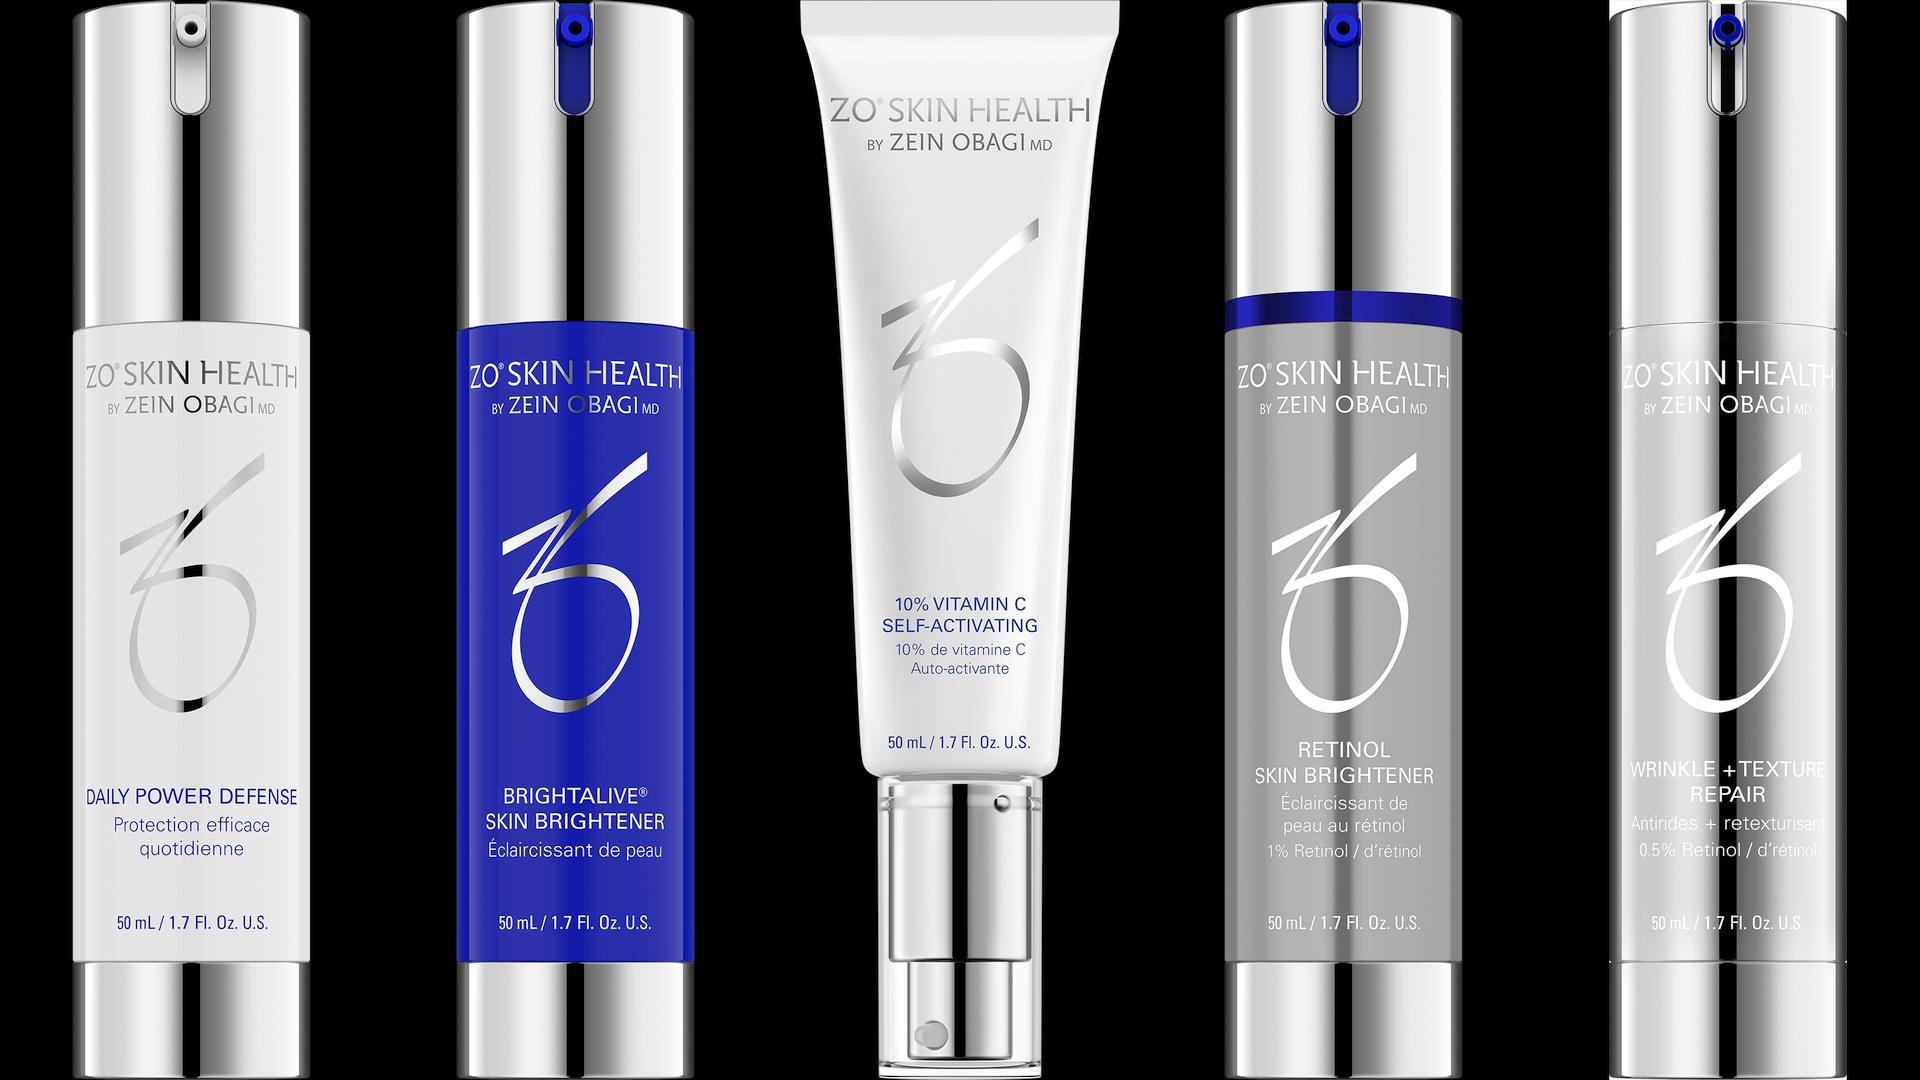 ZO SKIN HEALTH - Produkte mit und ohne Retinol zur Pigmentaufhellung und für einen ebenmäßigen Teint.